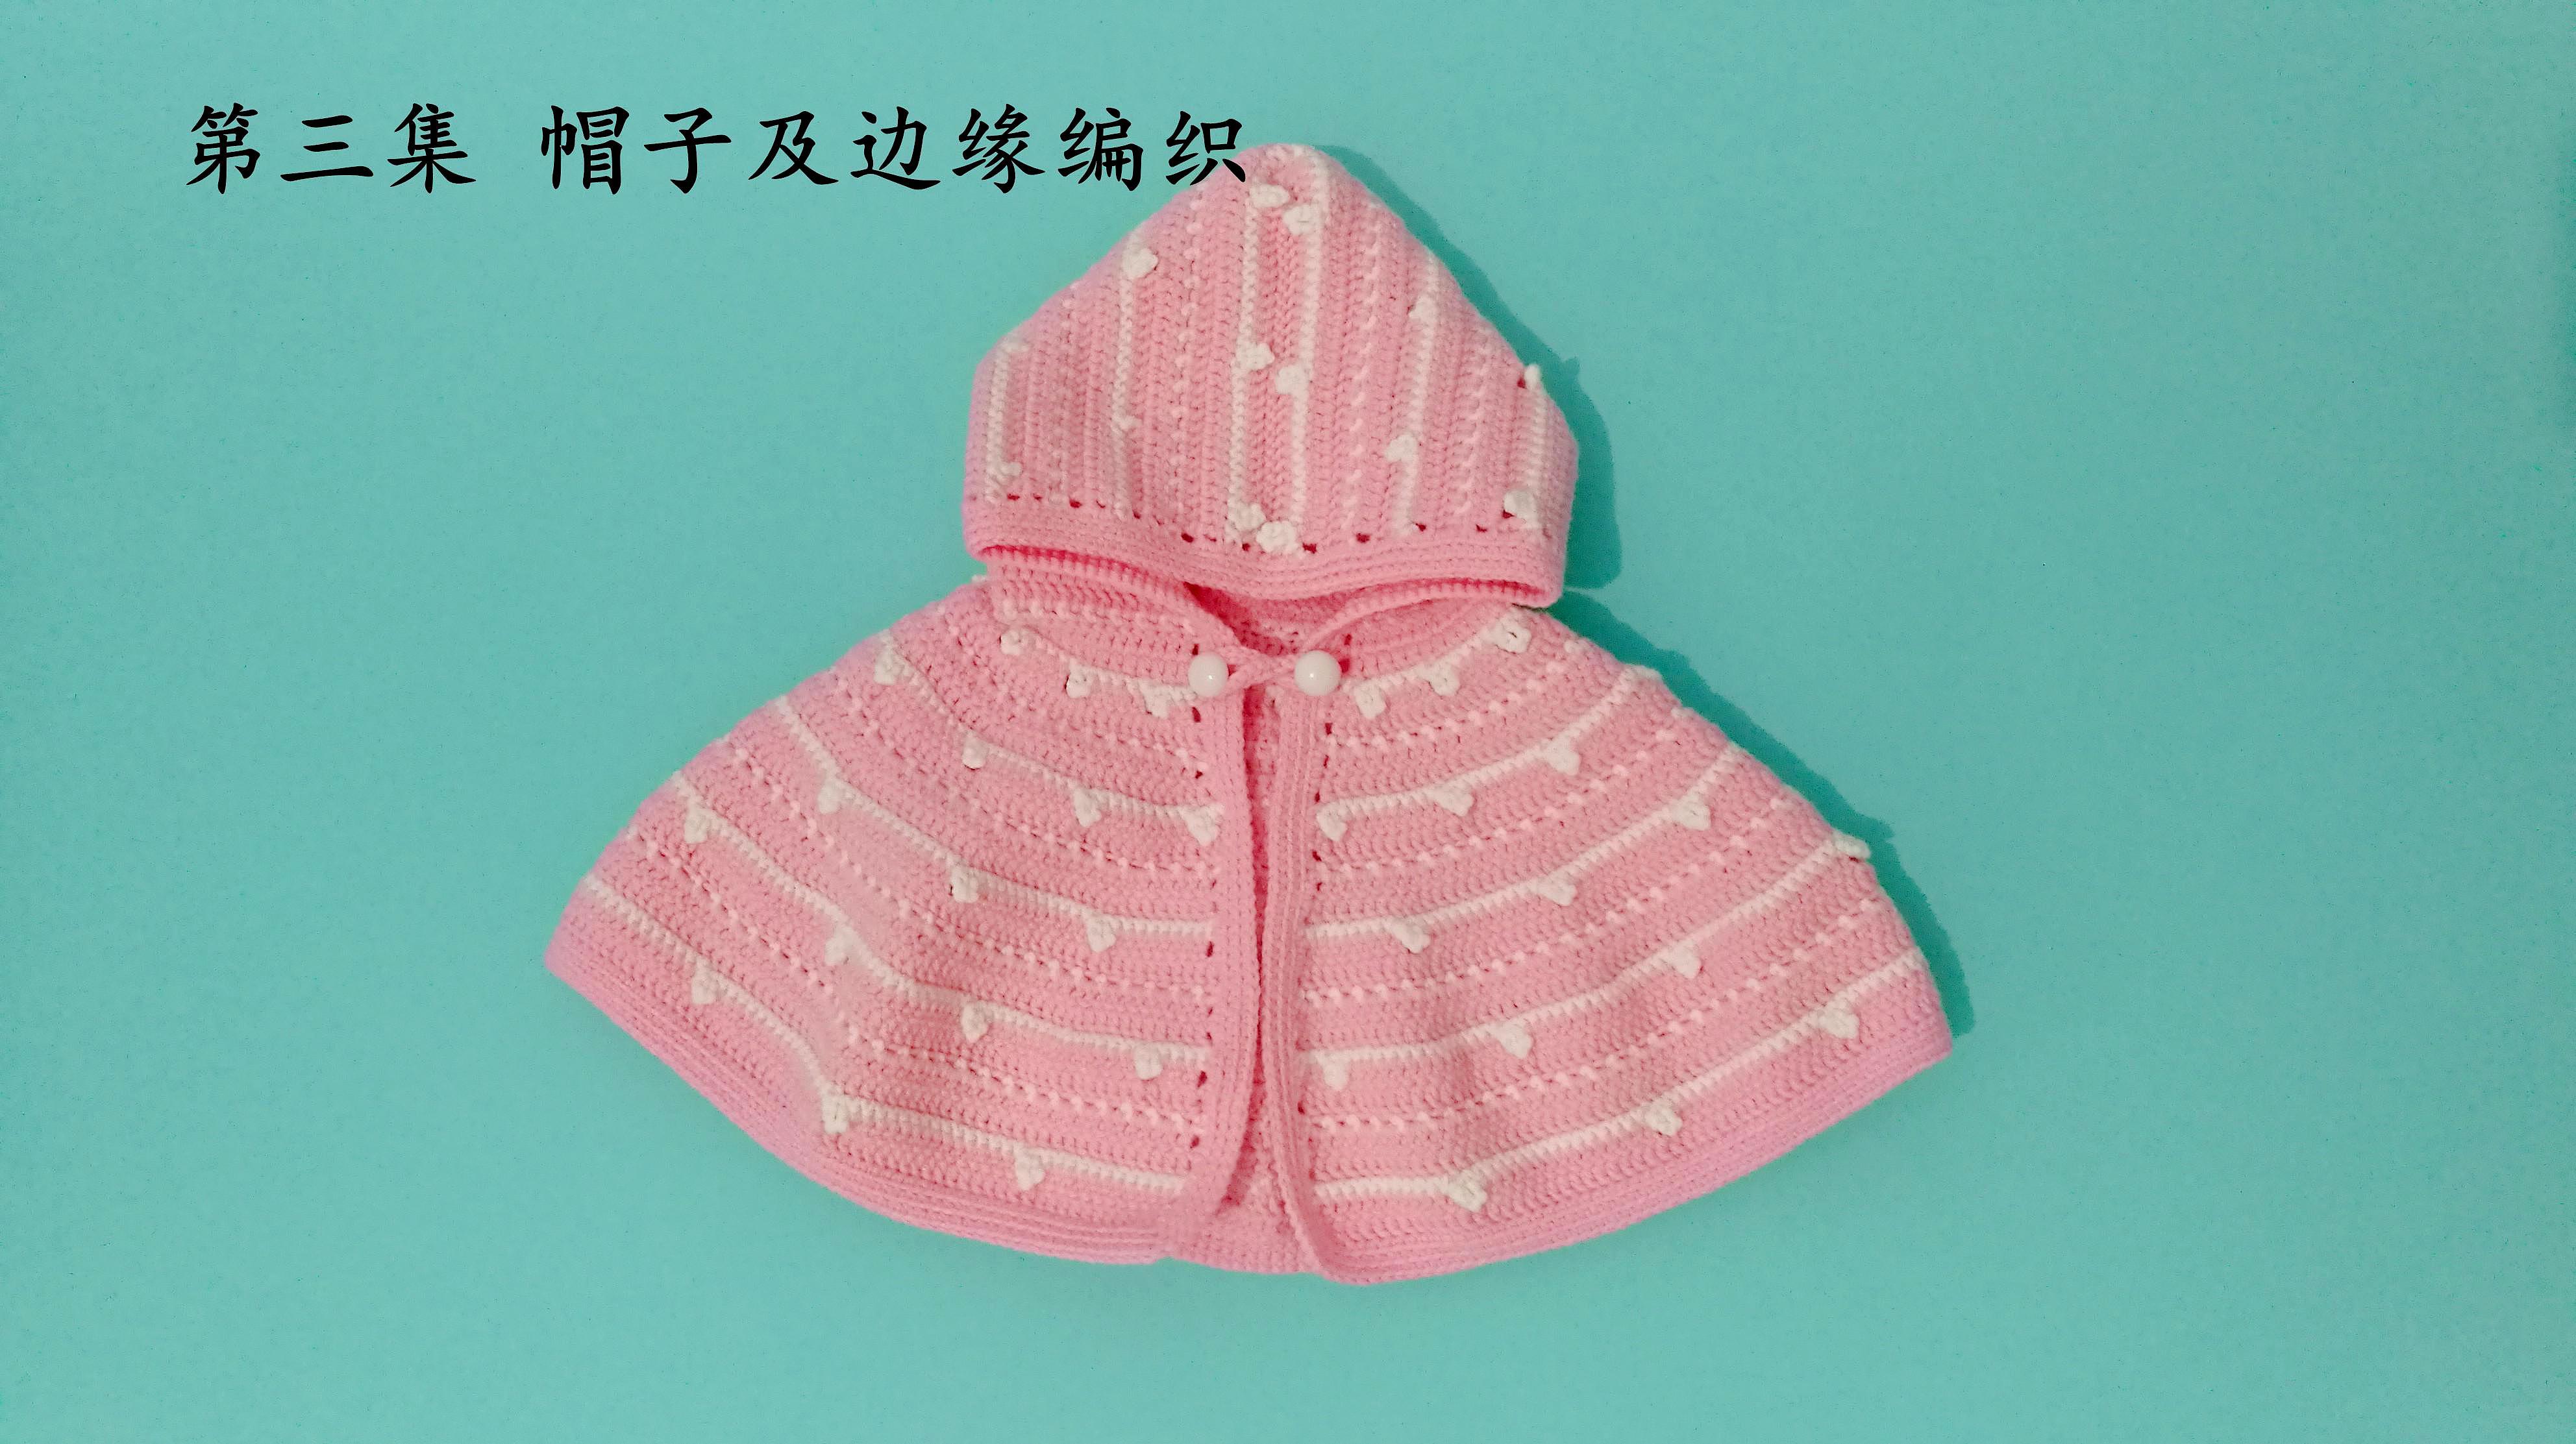 手工鉤針編織 帽子嬰兒披肩 第三集帽子編織教程